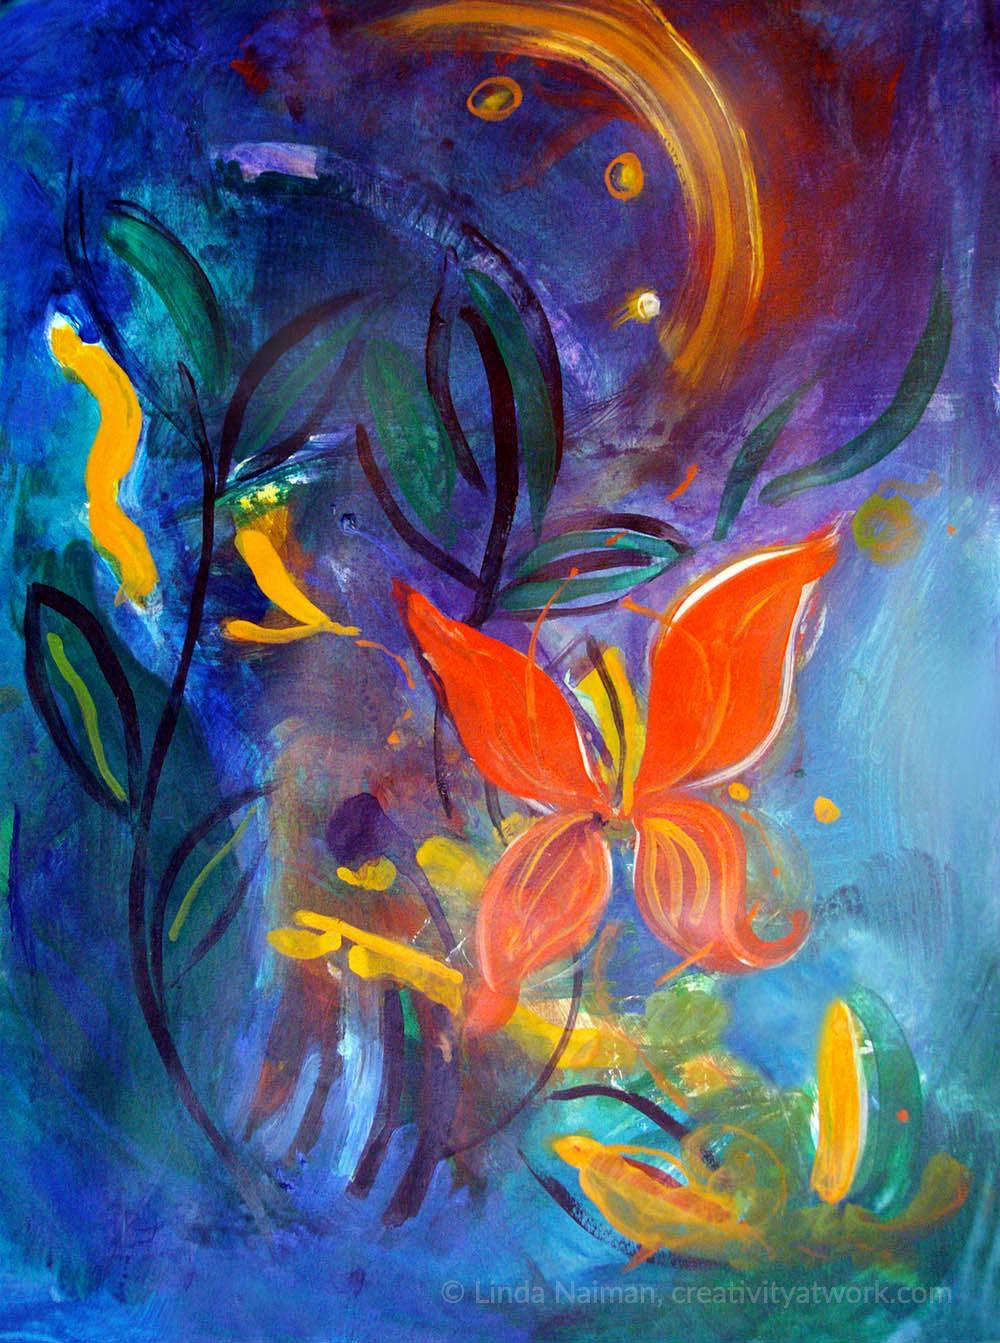 Butterfly at Night © Linda Naiman